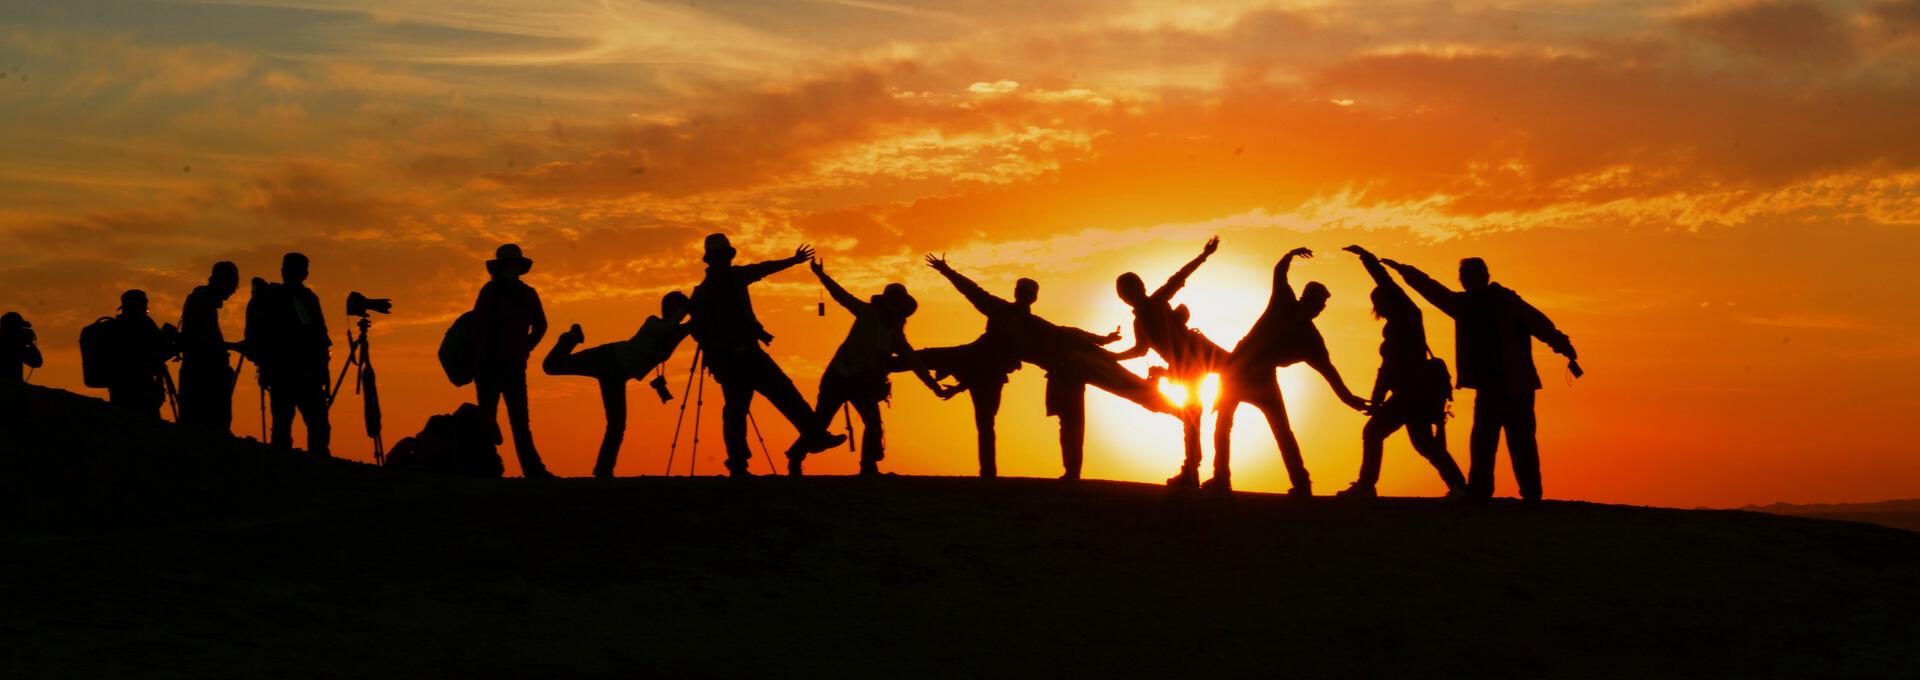 pasja, lifestyle, styl życia, ludzie z pasją, worldmaster, worldmaster.pl zachód słońca